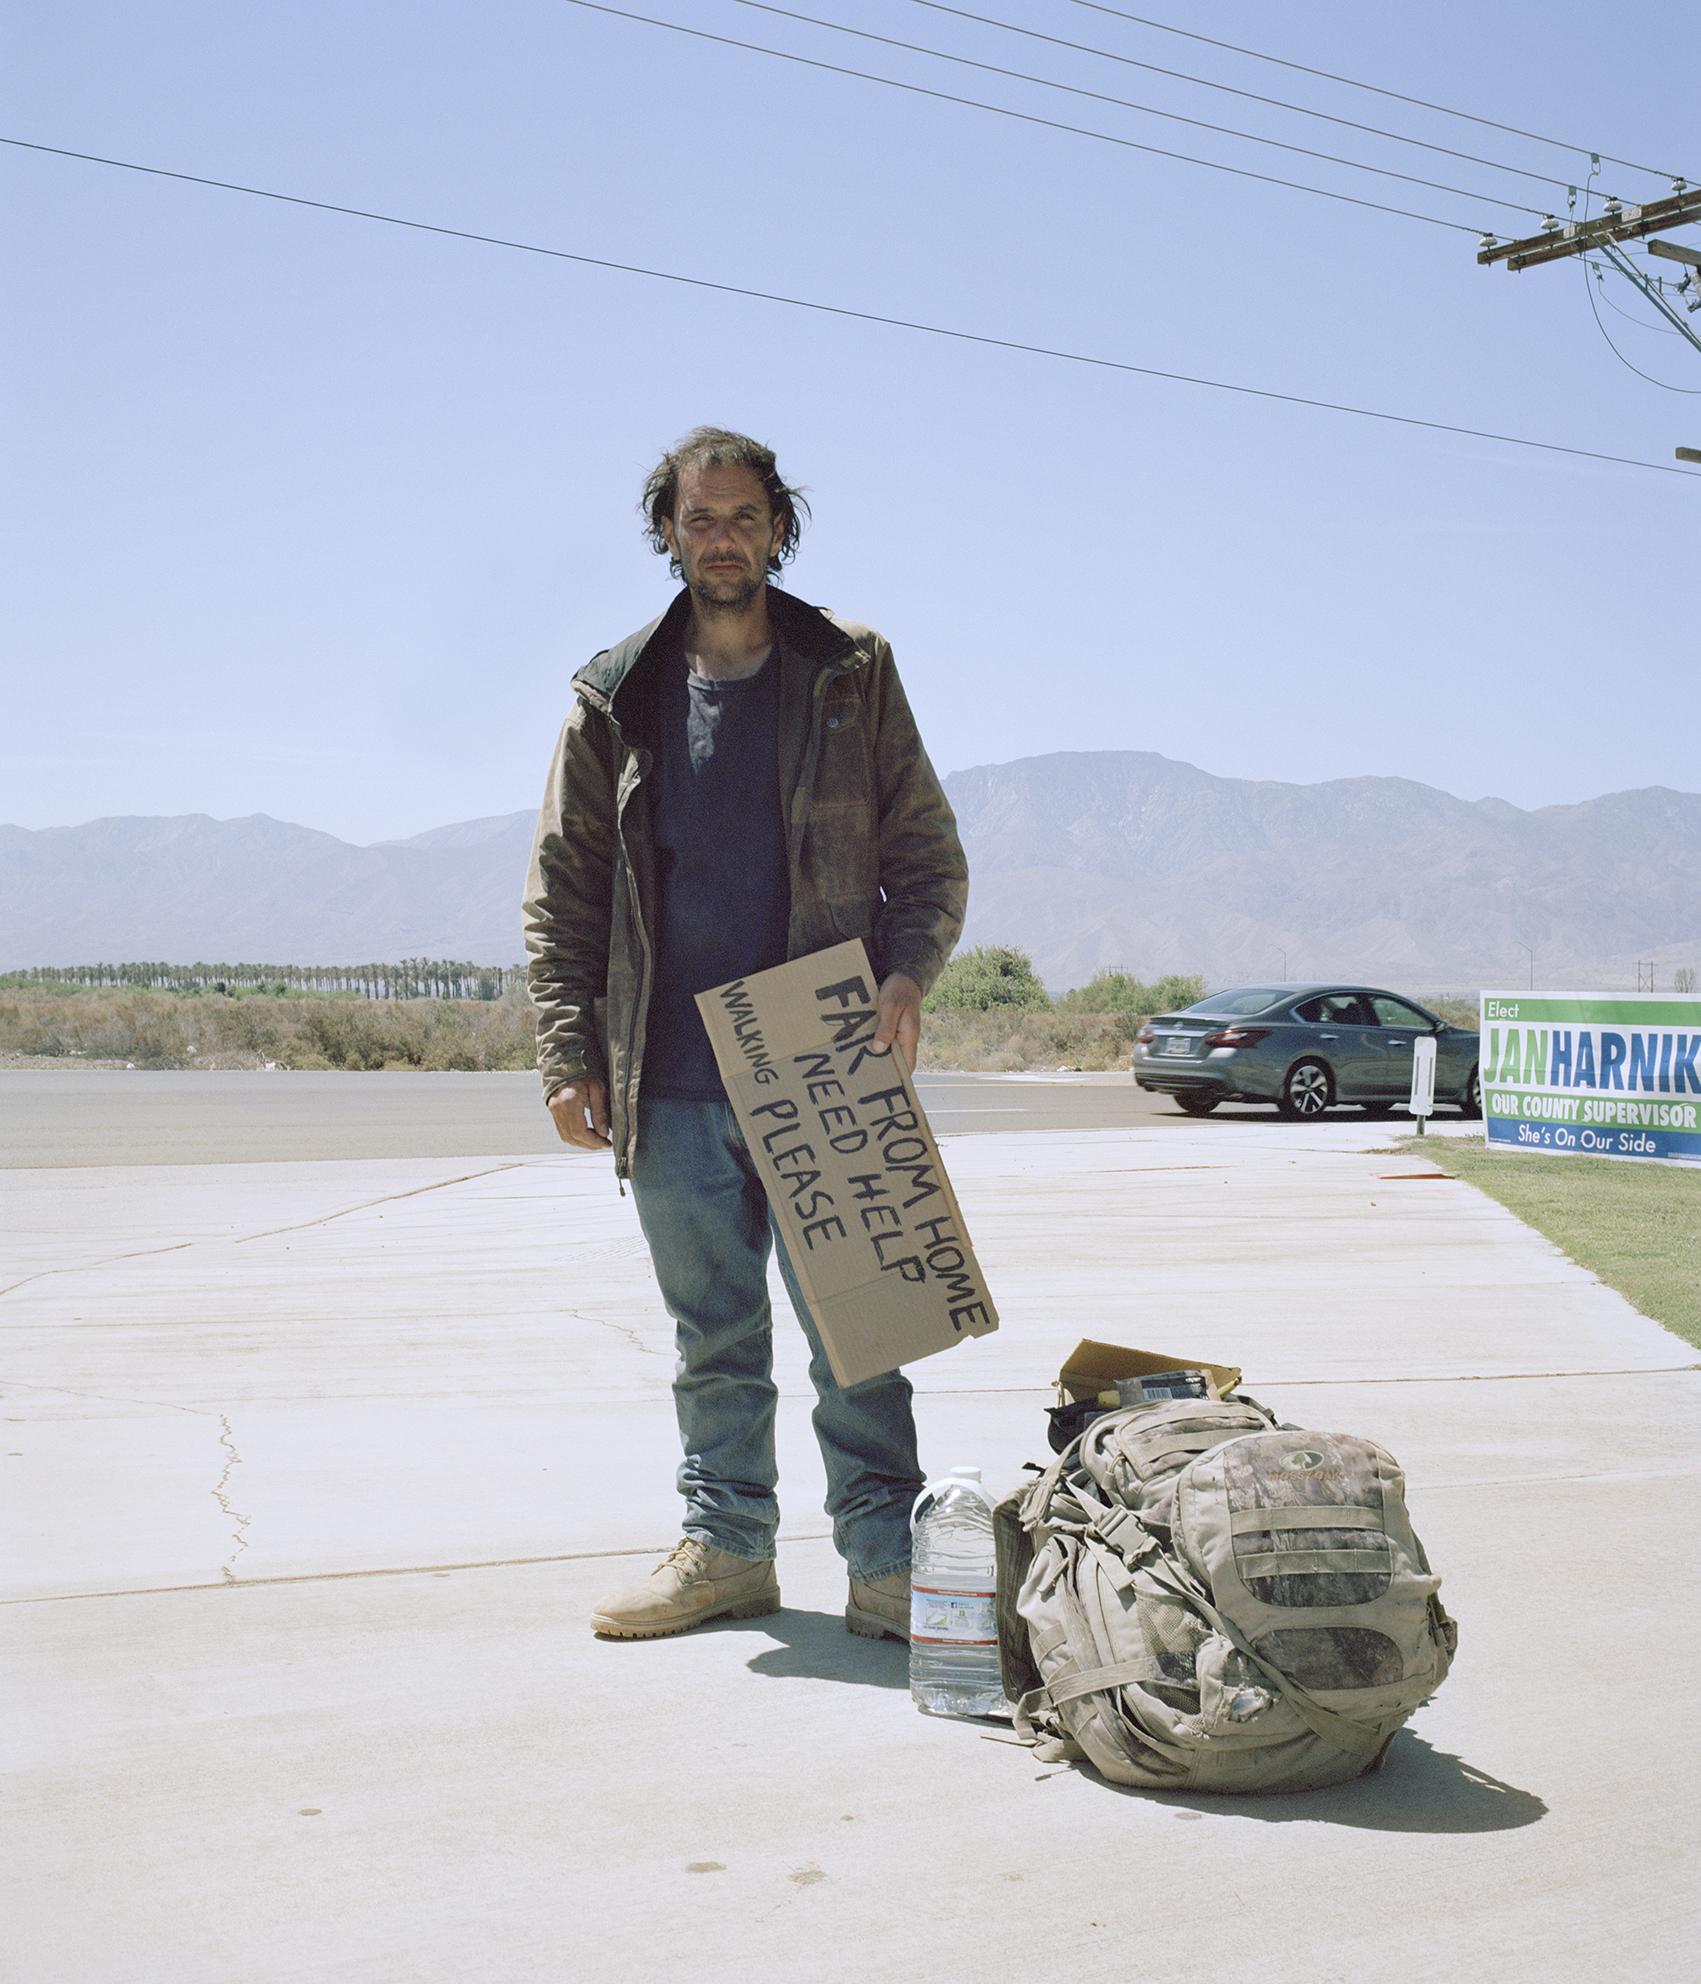 homeless guy printed.jpg